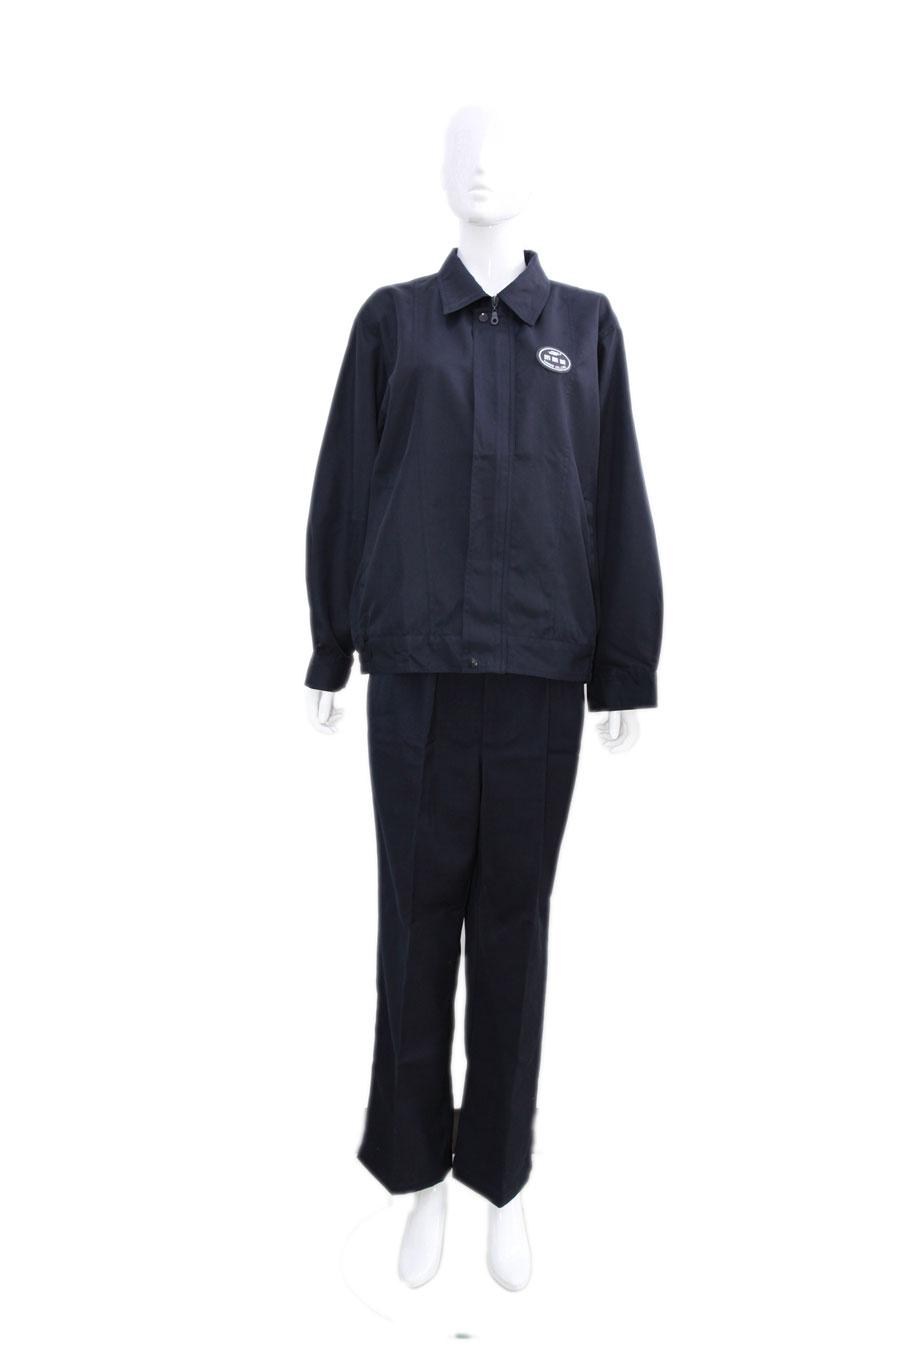 IMG_0082-制服呢.jpg